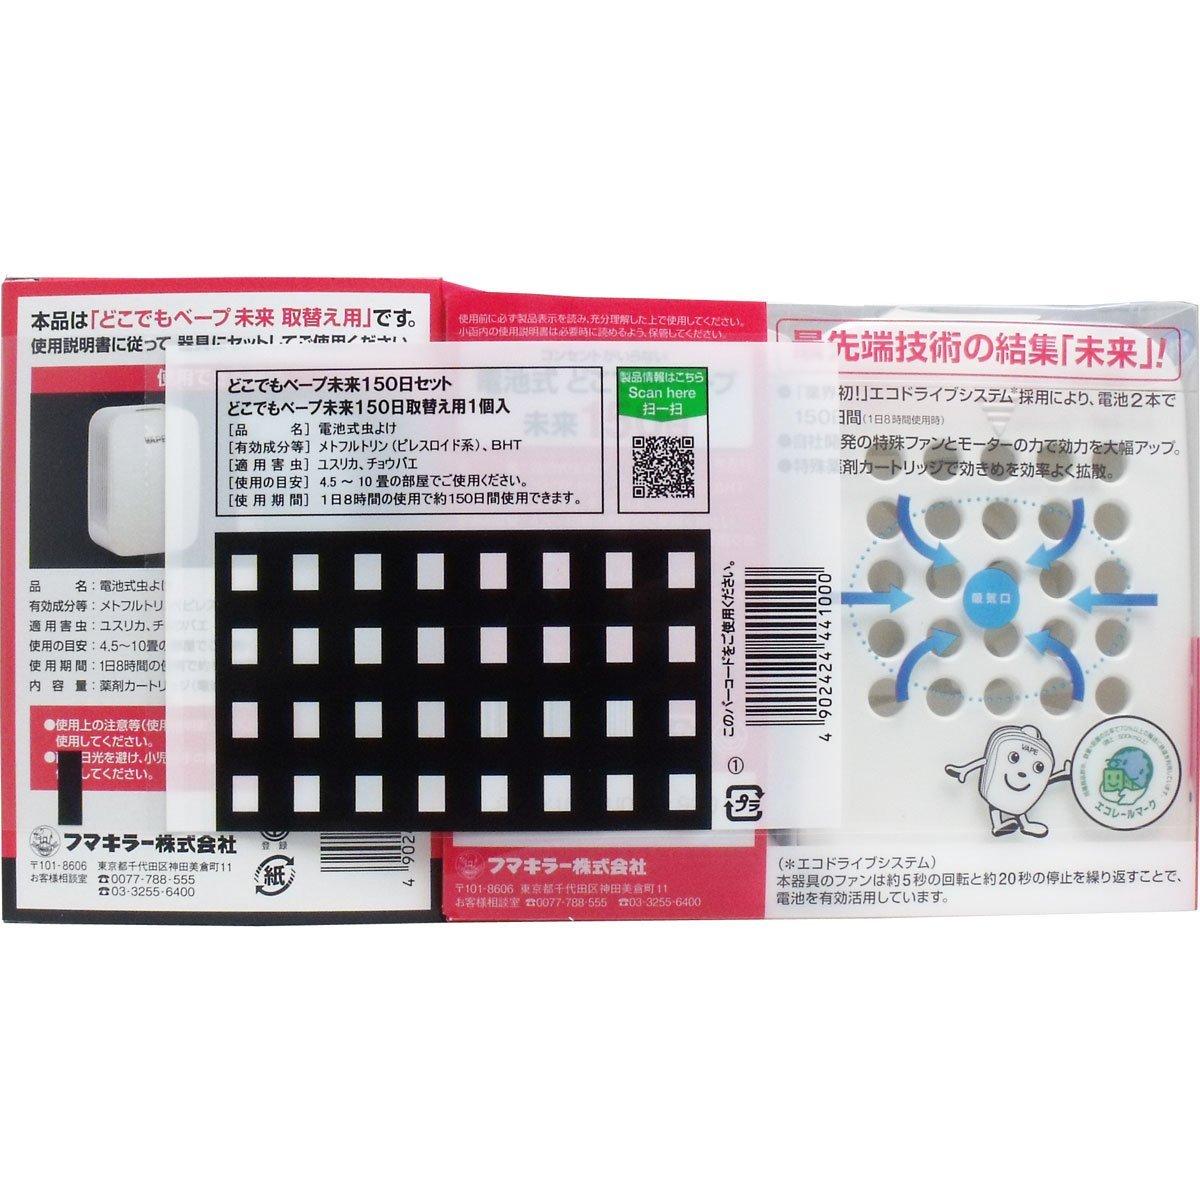 日本VAPE電子防蚊器150日 (主機+補充包*2共300日)驅蚊器可攜帶無毒無味嬰幼兒預防小黑蚊子叮咬登革熱 2